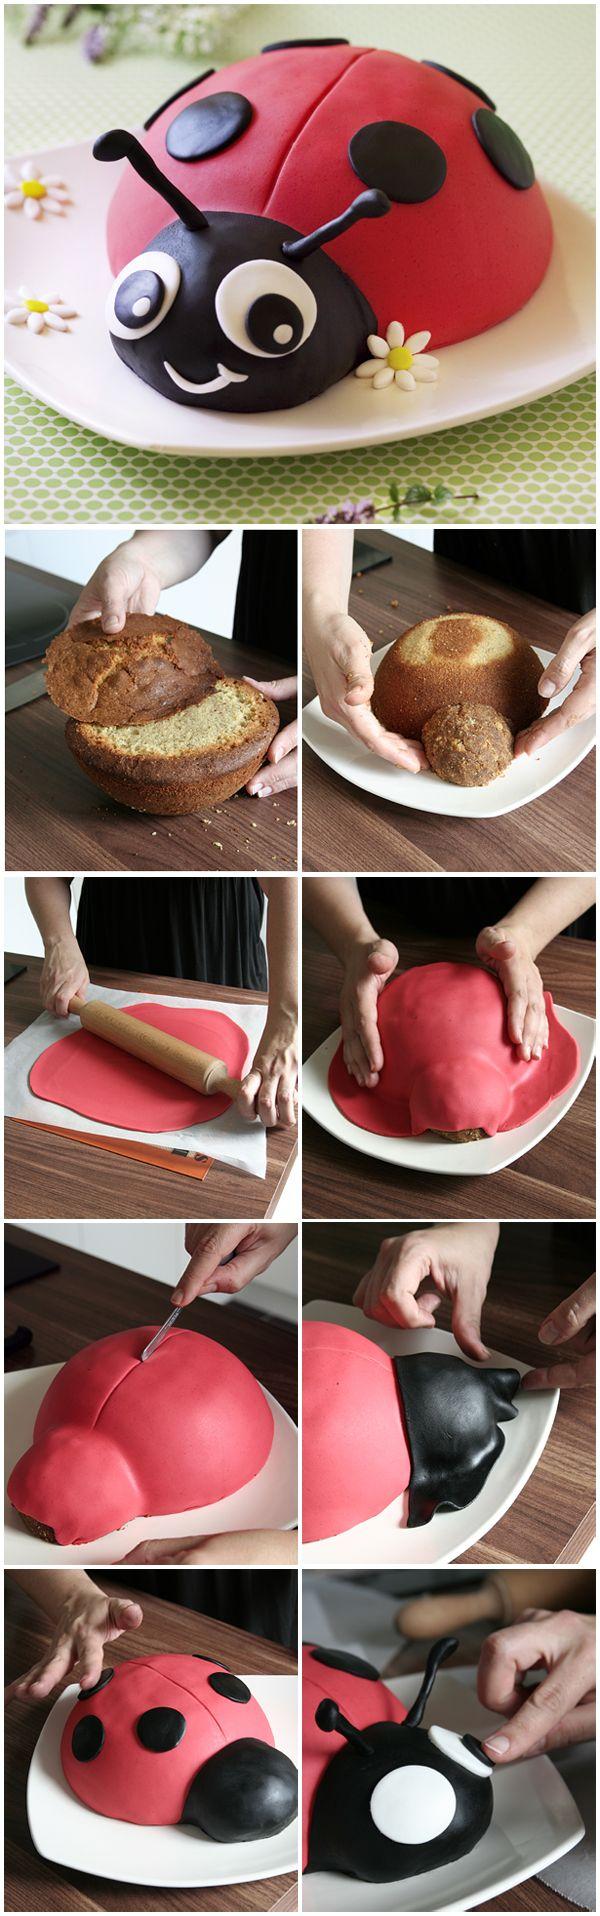 Gâteau coccinelle – décor en pâte à sucre (DIY & toturiel). Parfait pour un gâteau d'anniversaire